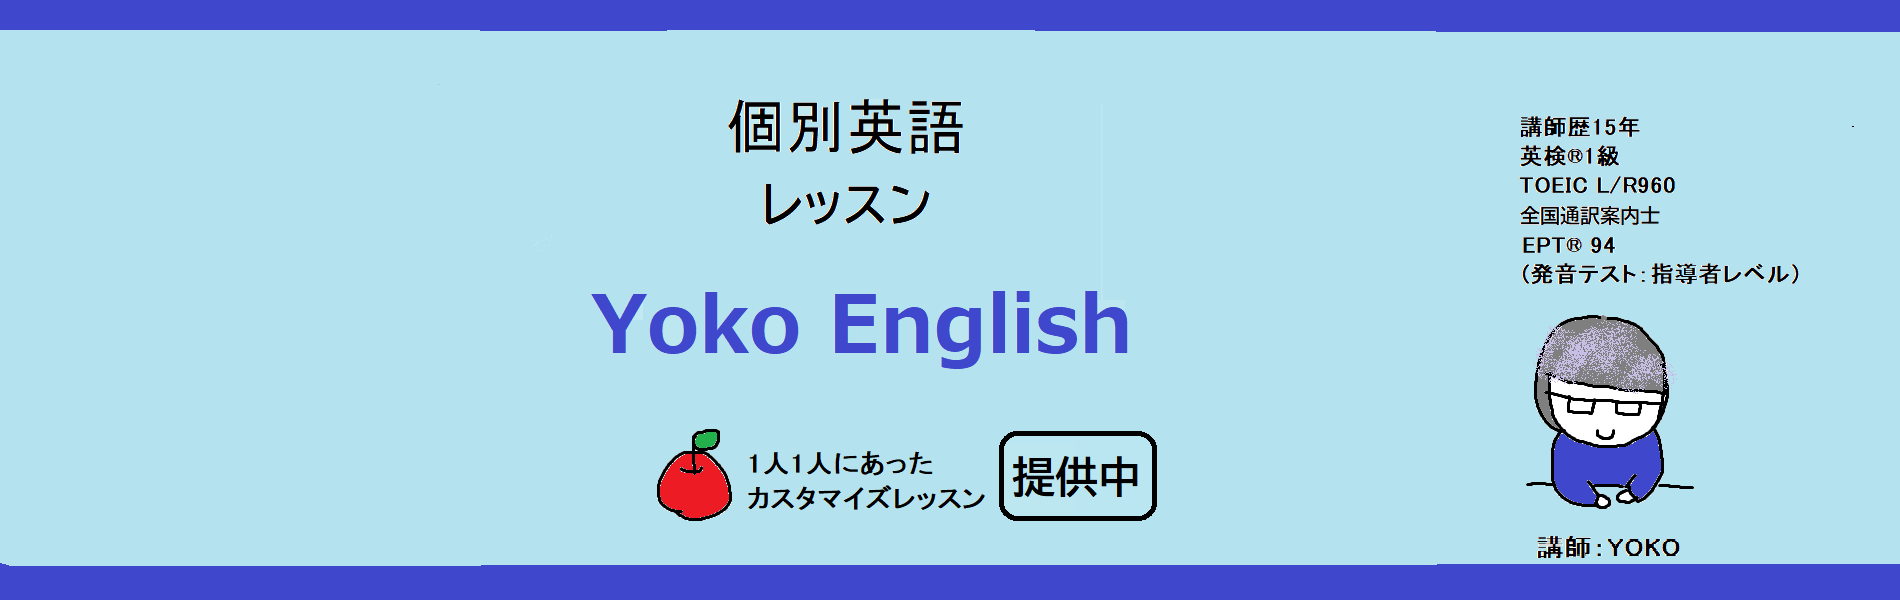 個別英語レッスンYoko's English(2021年3月予約スタート予定)